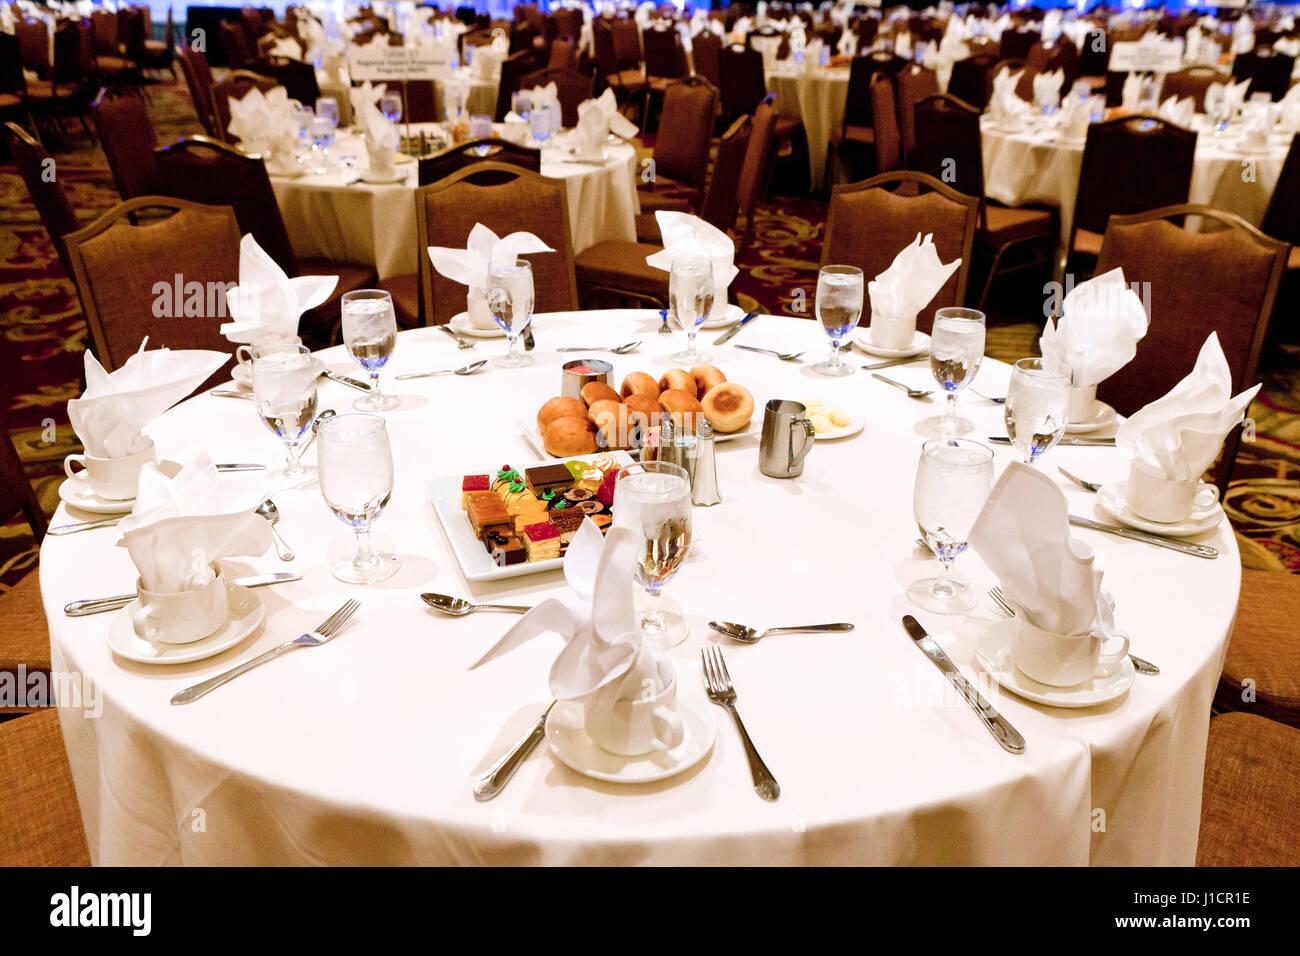 Table de salle à manger pour banquets de l'hôtel grand événement - USA Photo Stock